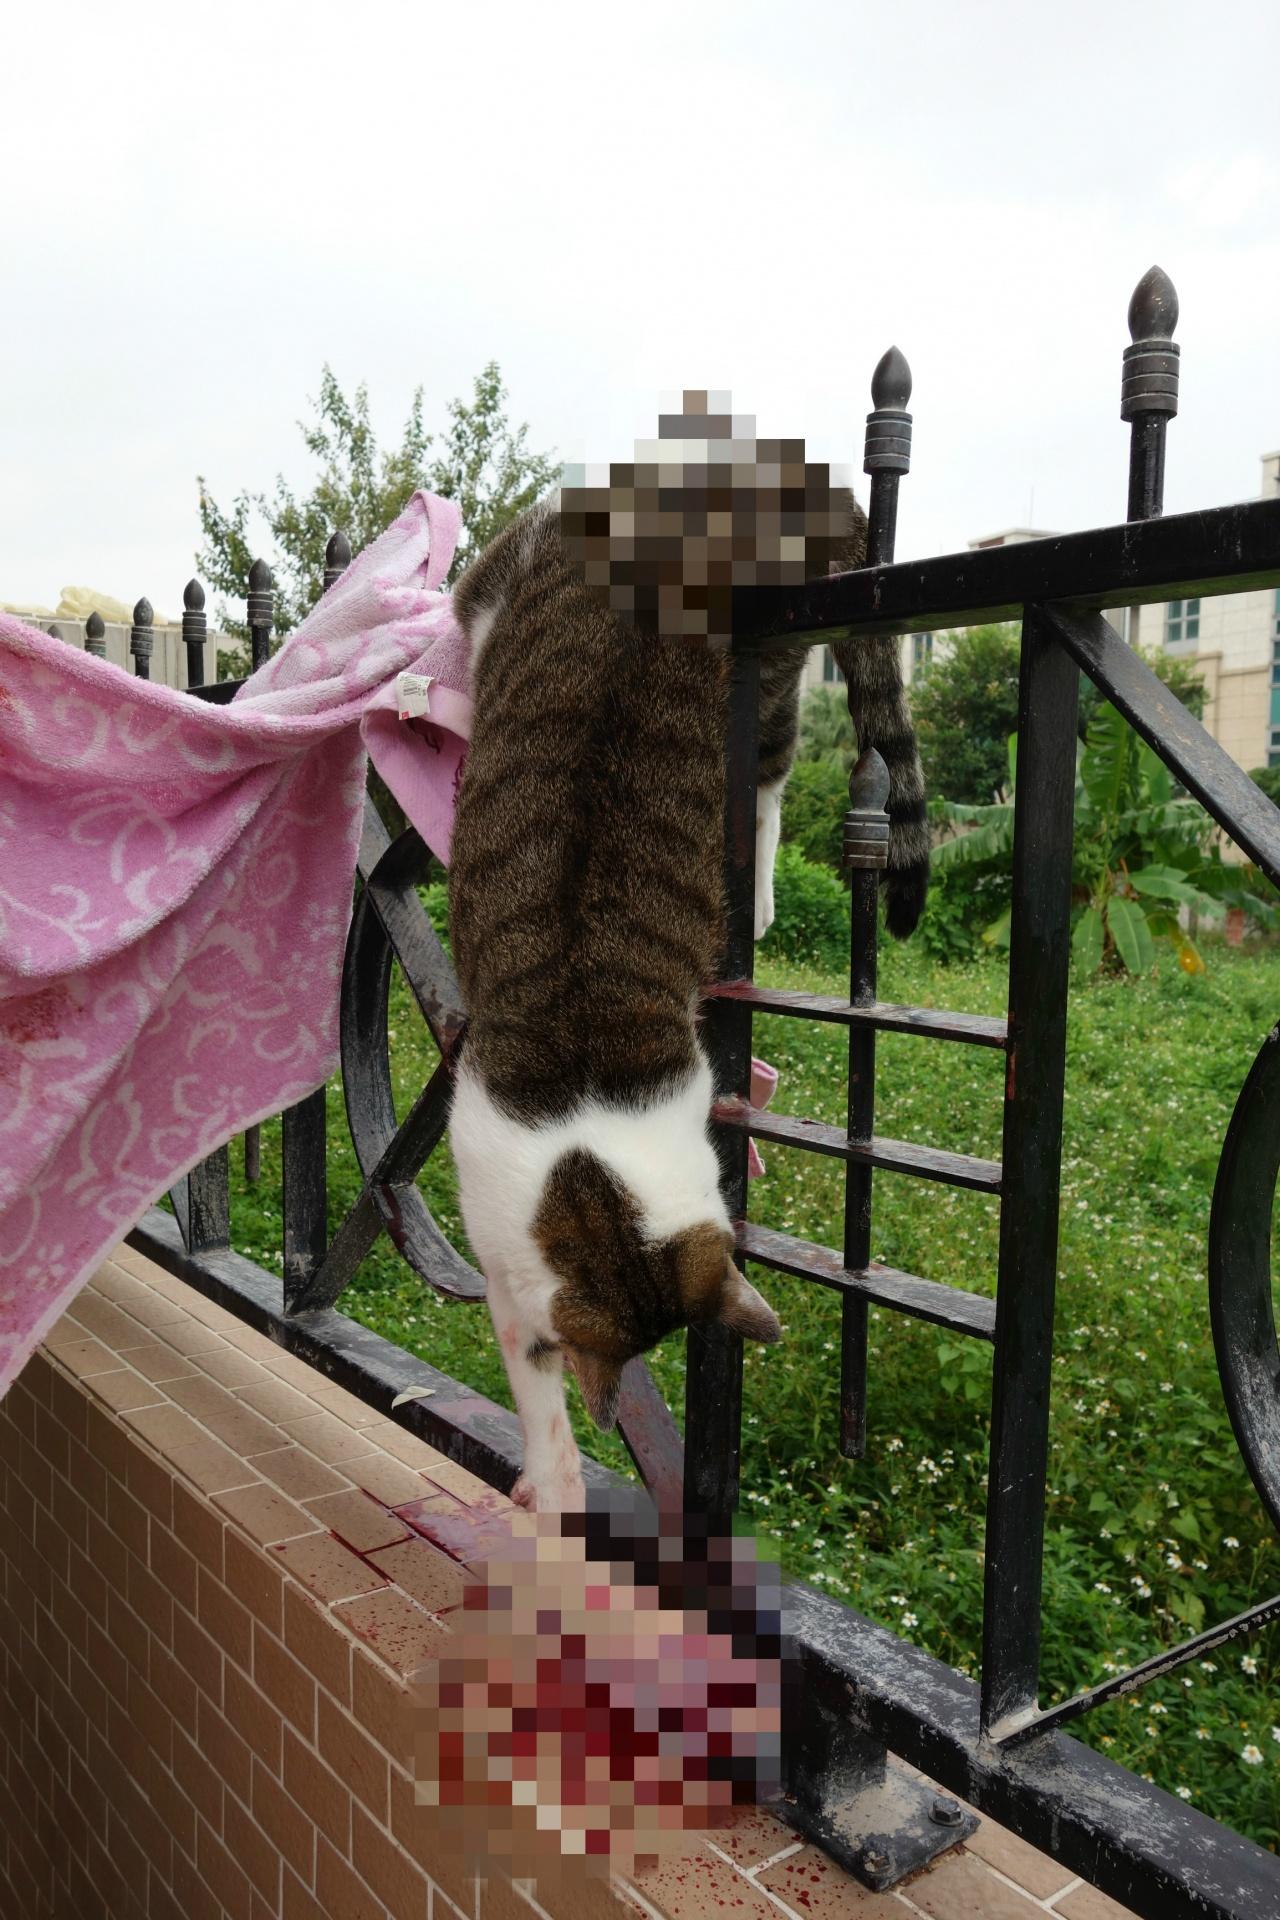 即使住在地下樓層,也應該要裝上窗網,以策萬全。(SPCA提供)